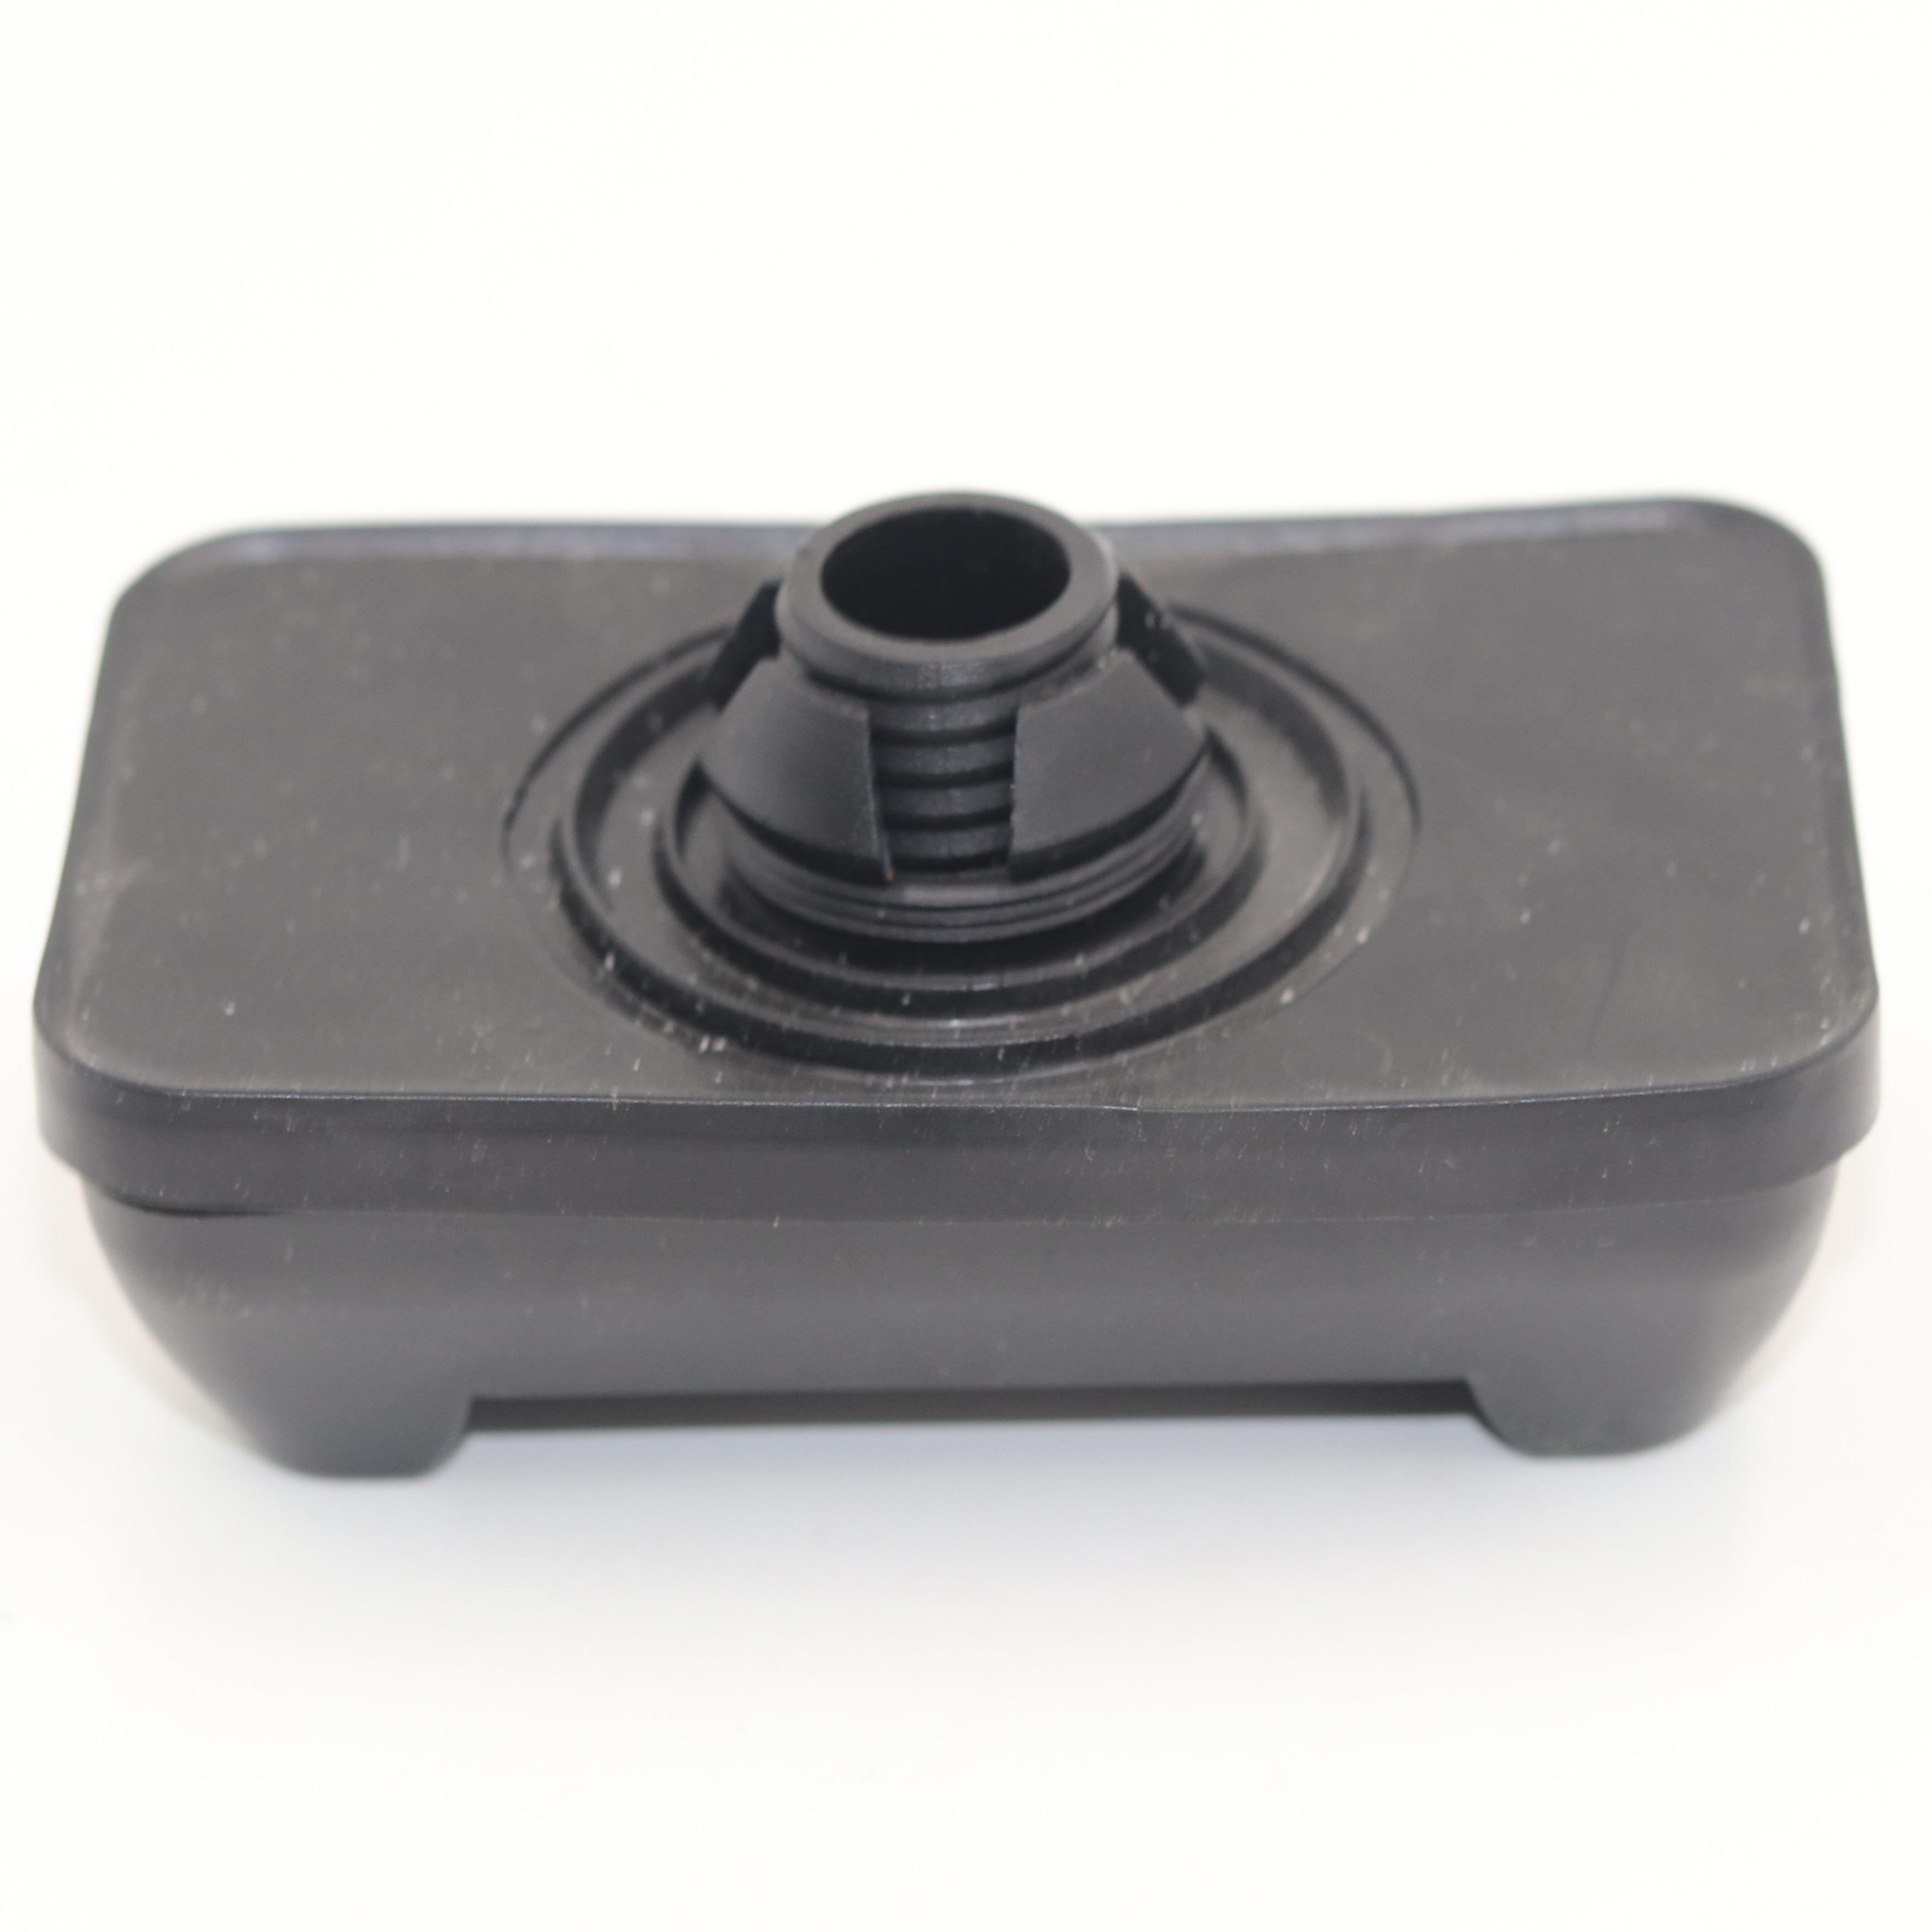 Auto Jack Pad Unter Auto Unterstützung Pad Hebe 2039970186 Für MERCEDESR171 C203 CLK209 W203 W209 W211 SLK171 CLS219 CL203